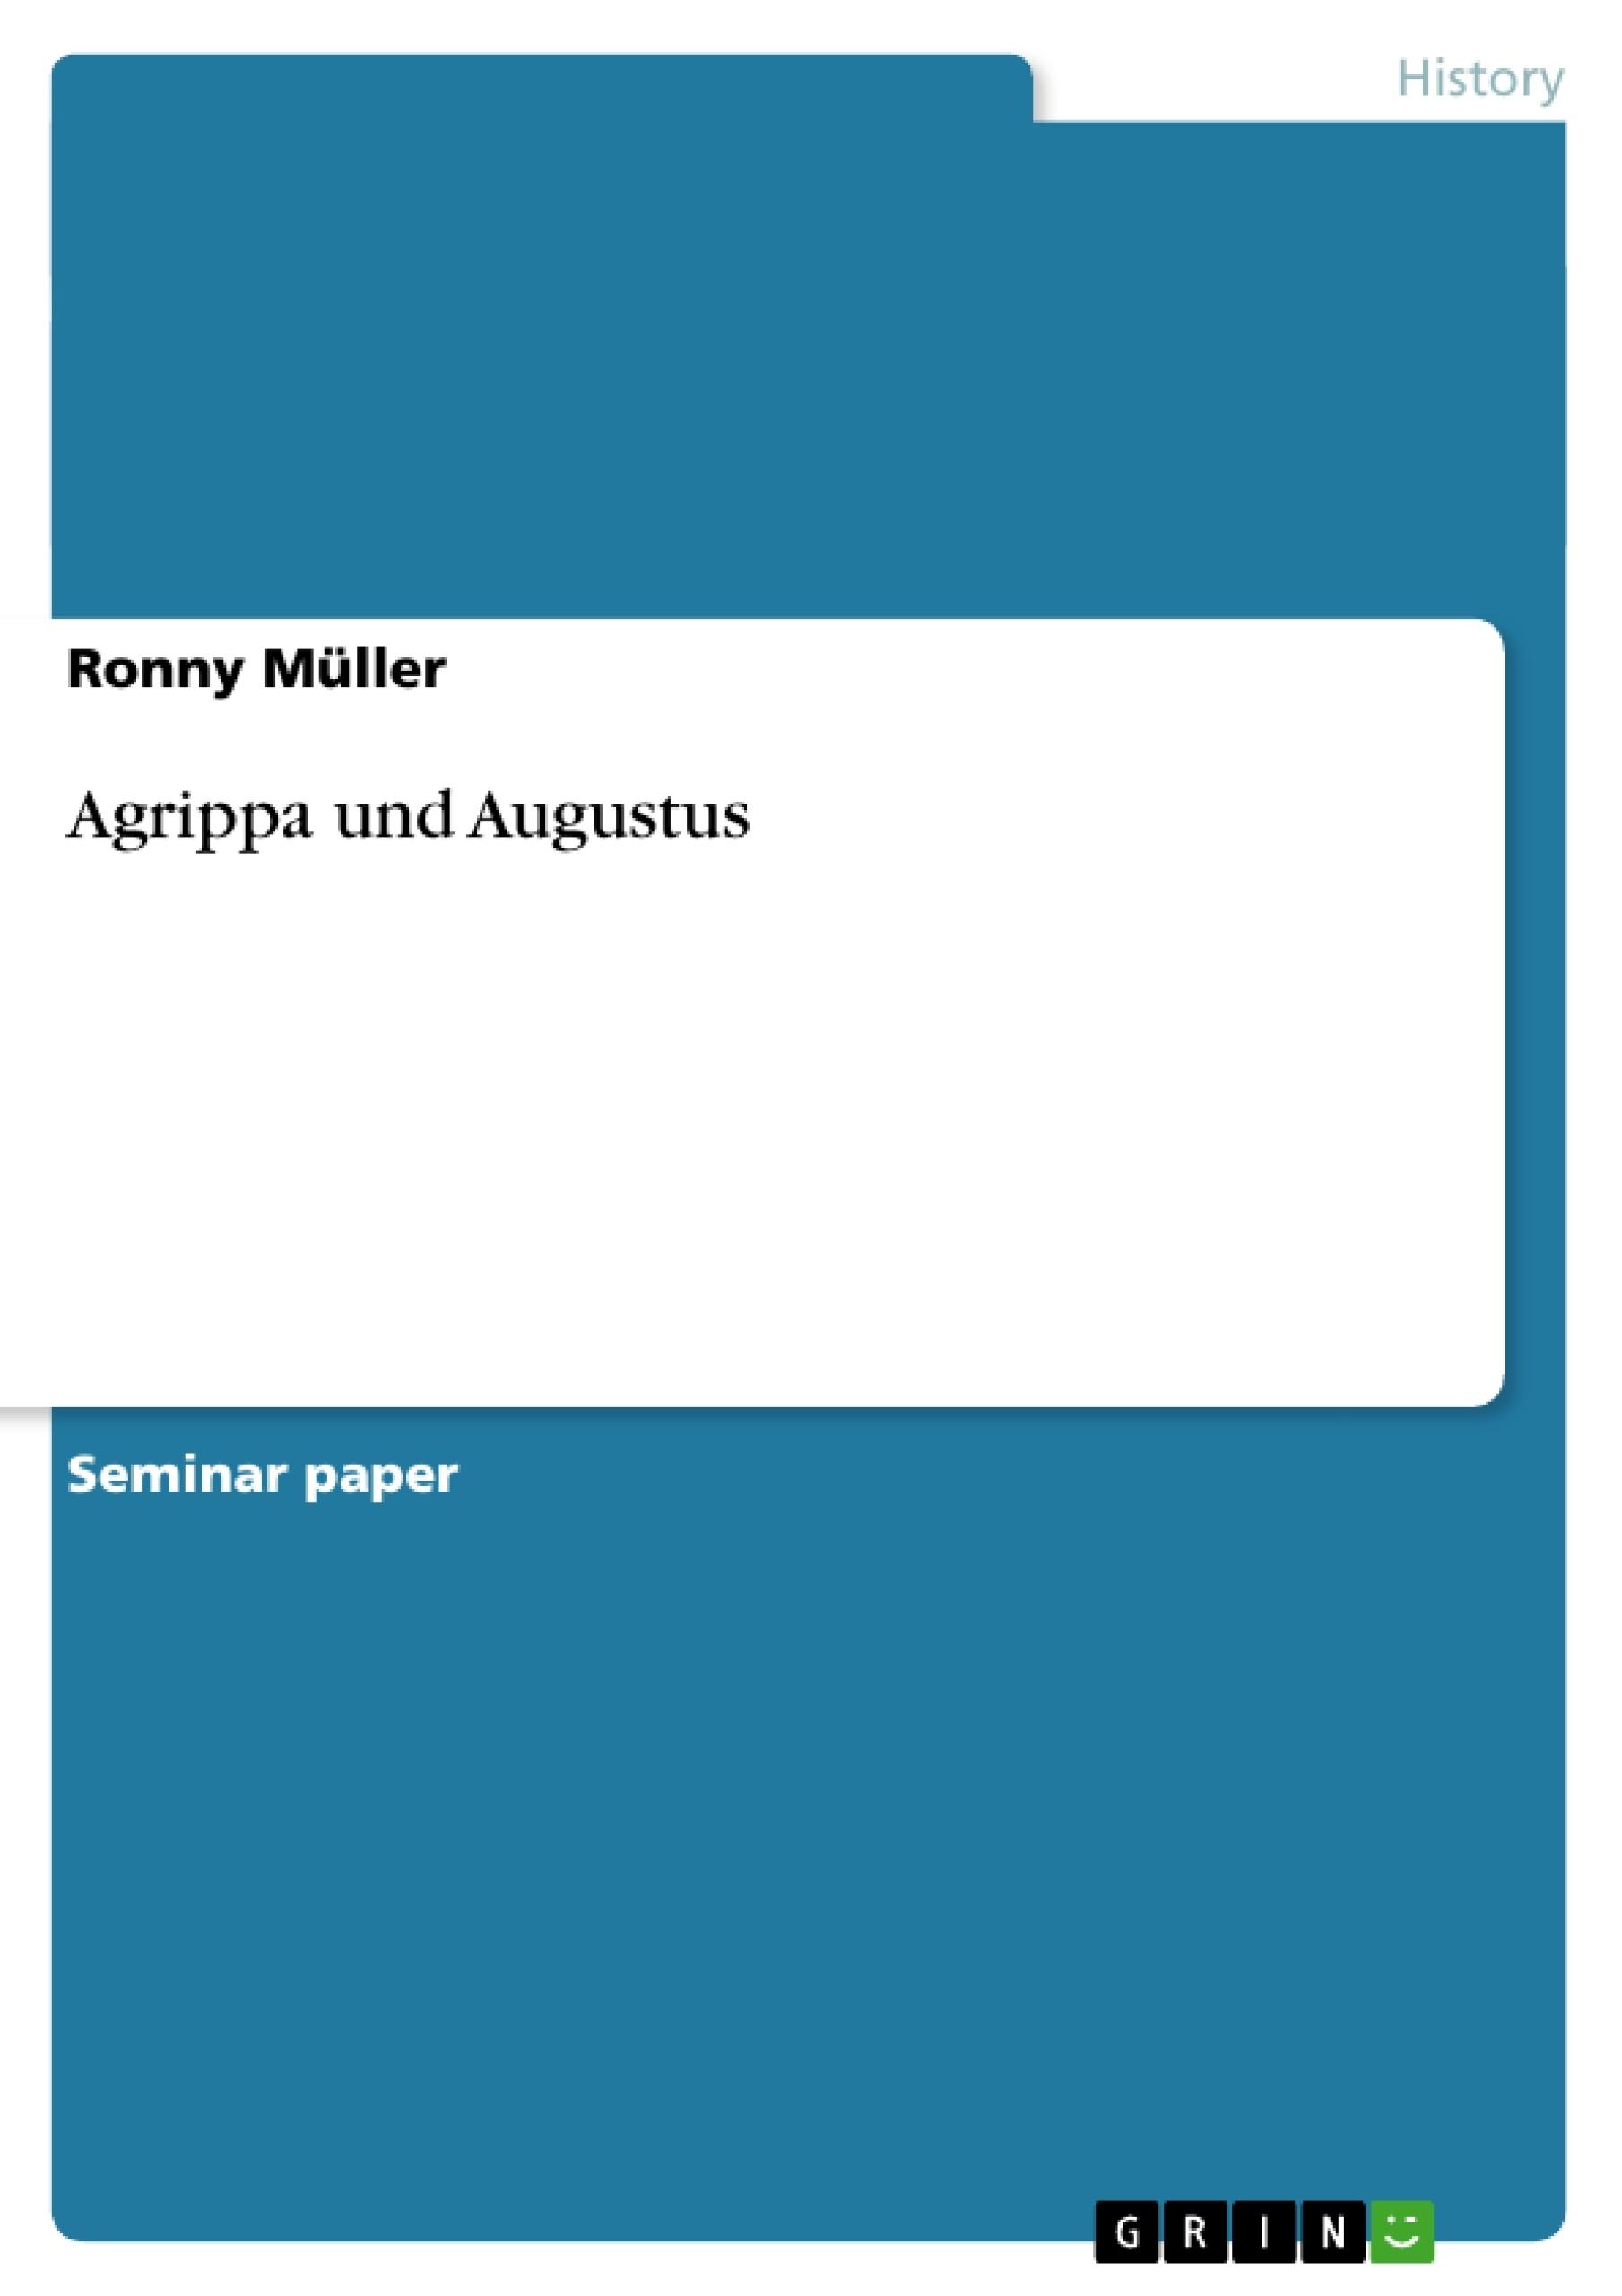 Title: Agrippa und Augustus